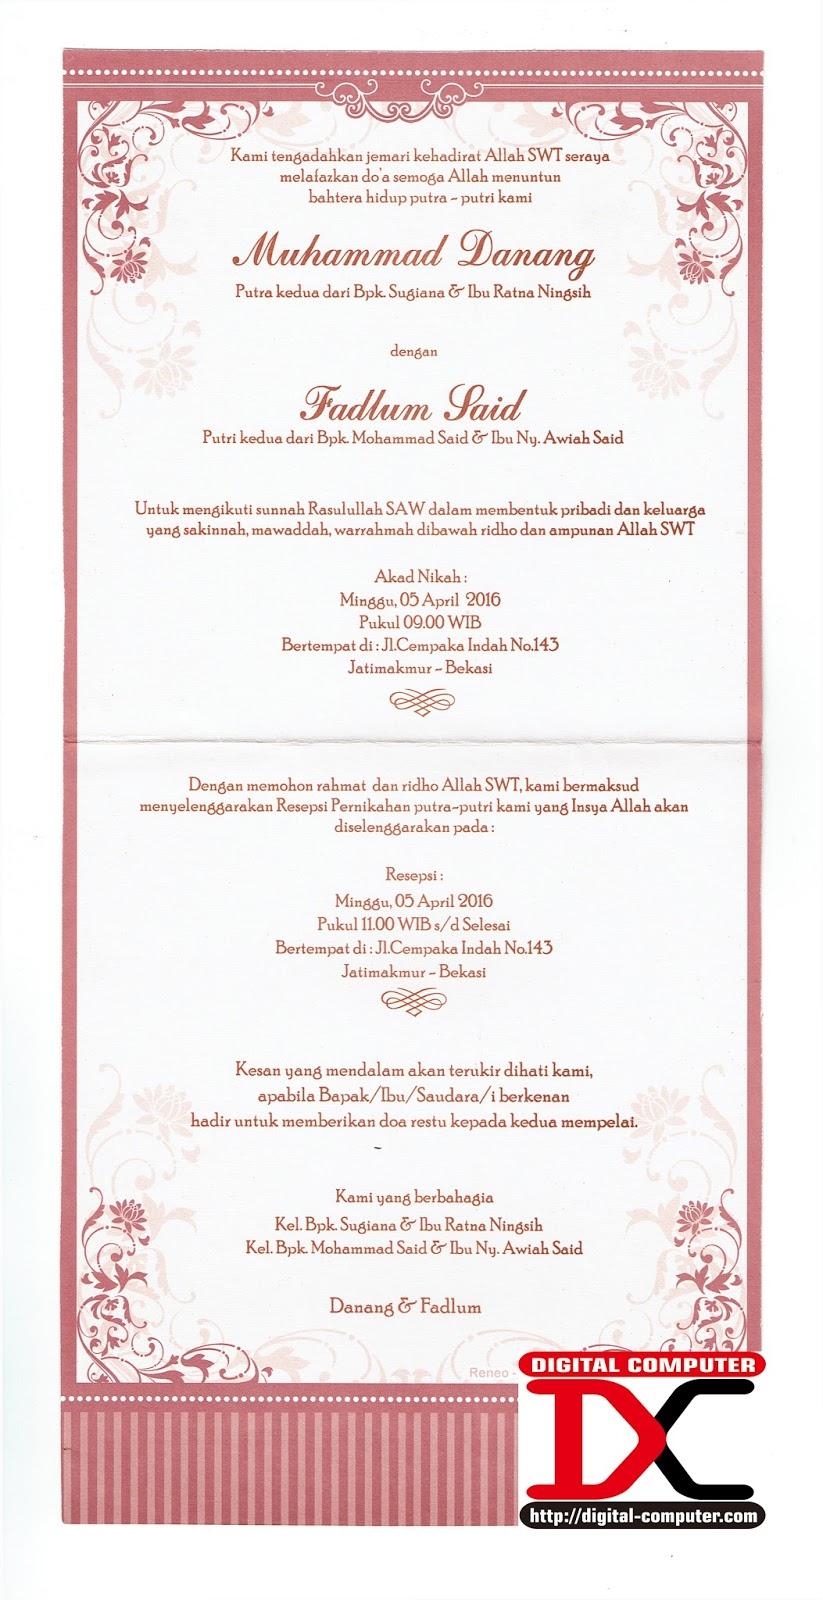 undangan pernikahan harga 2000 rupiah